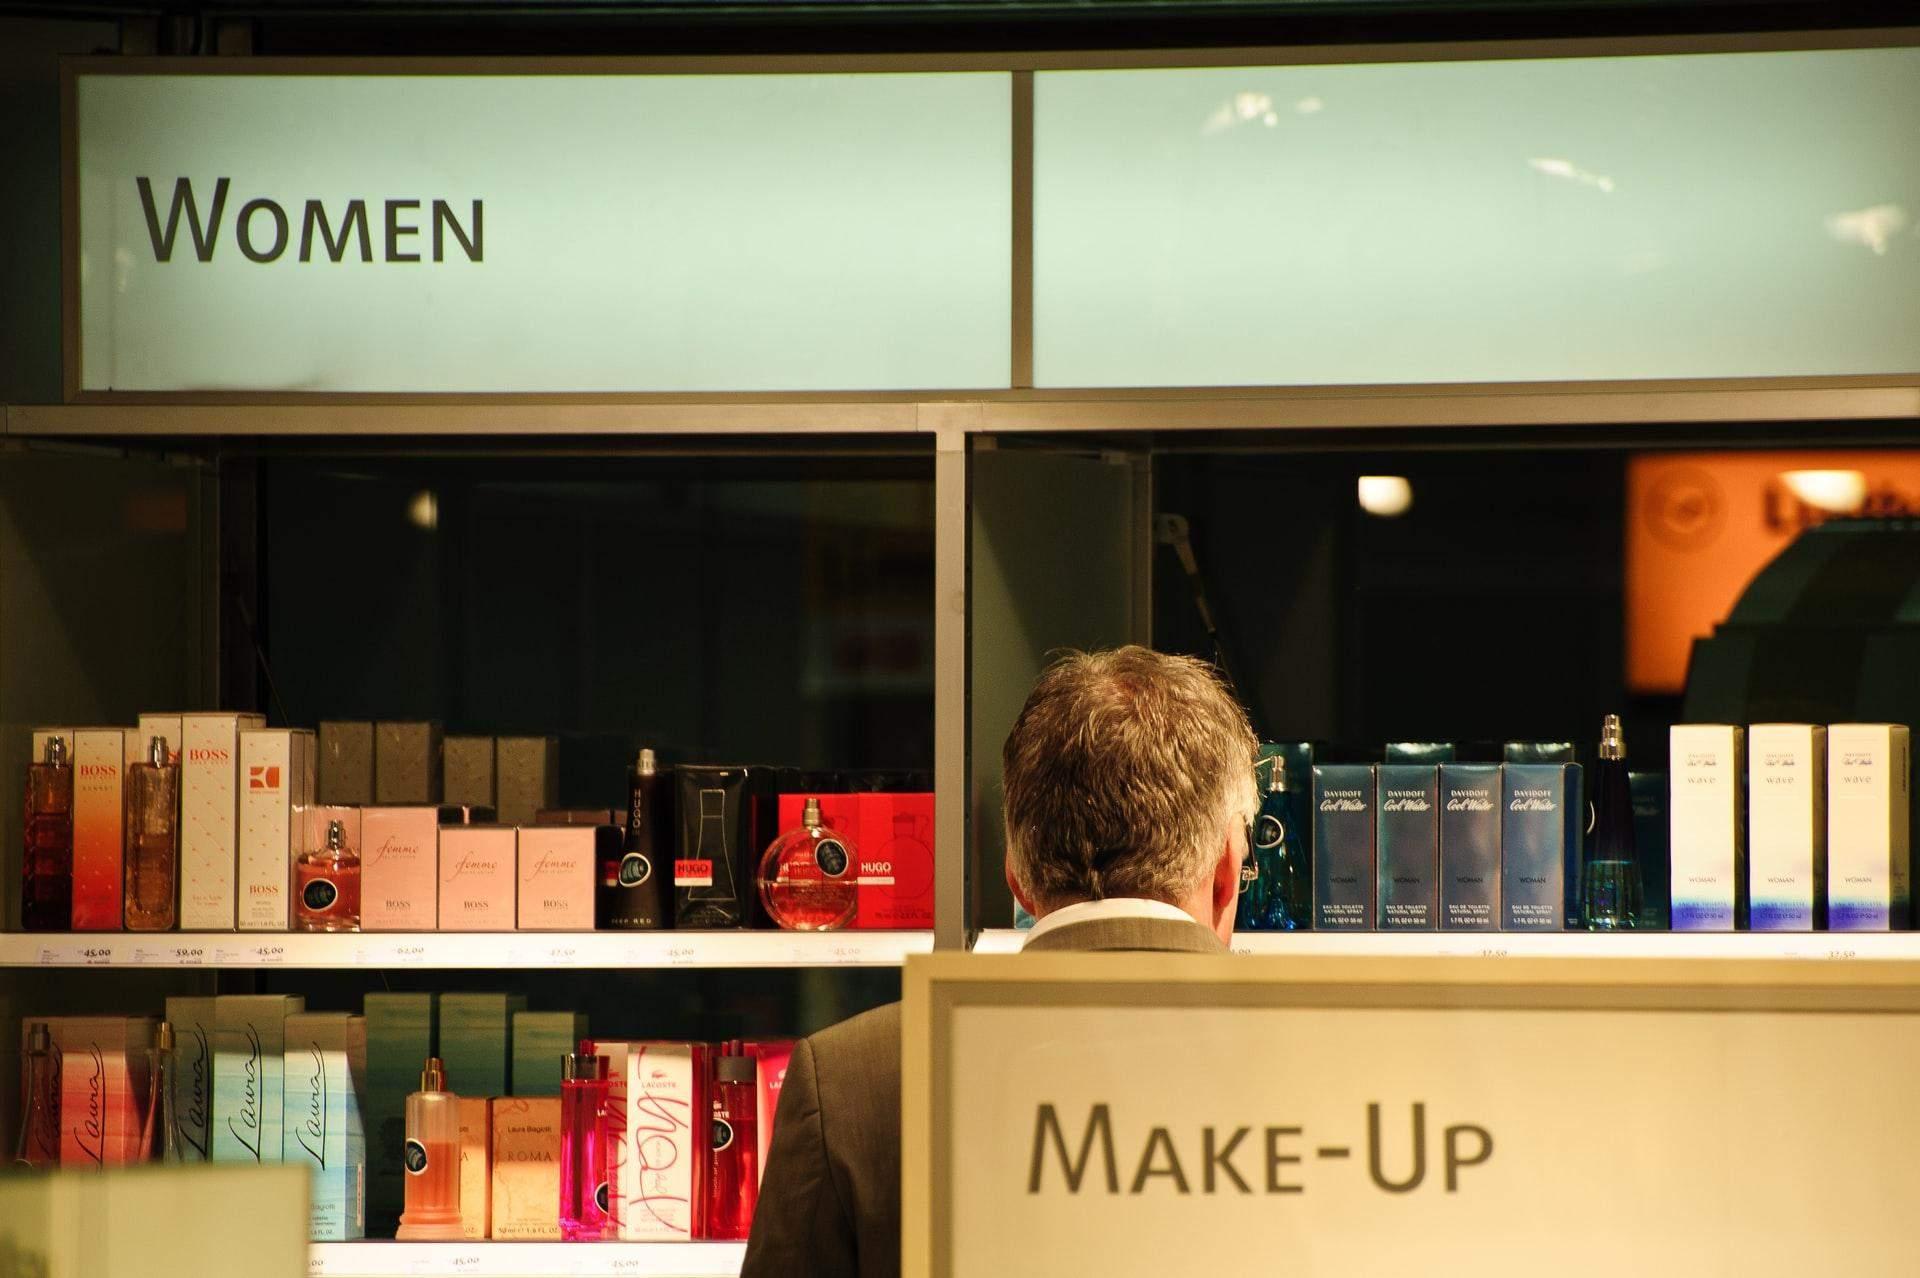 У д'юті-фі можна купити якісну косметику та парфумерію